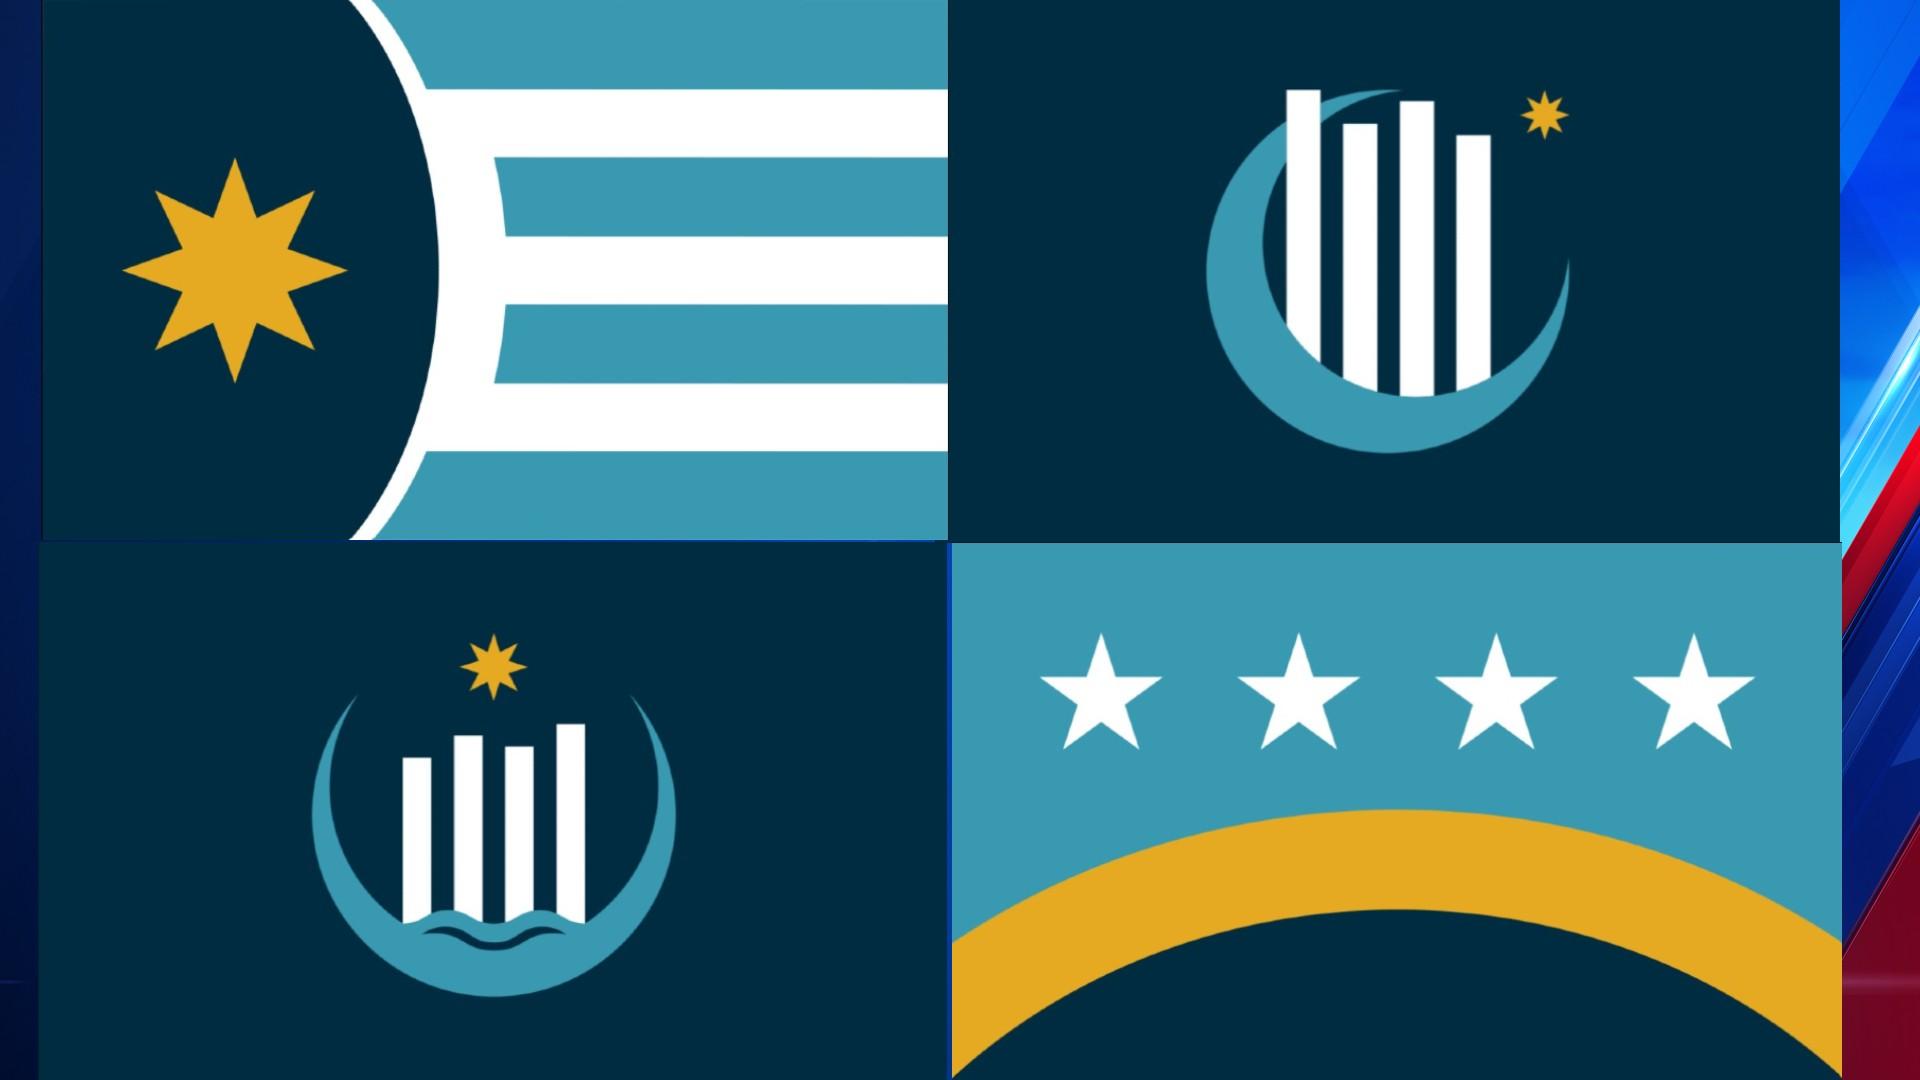 Evansville flag designs